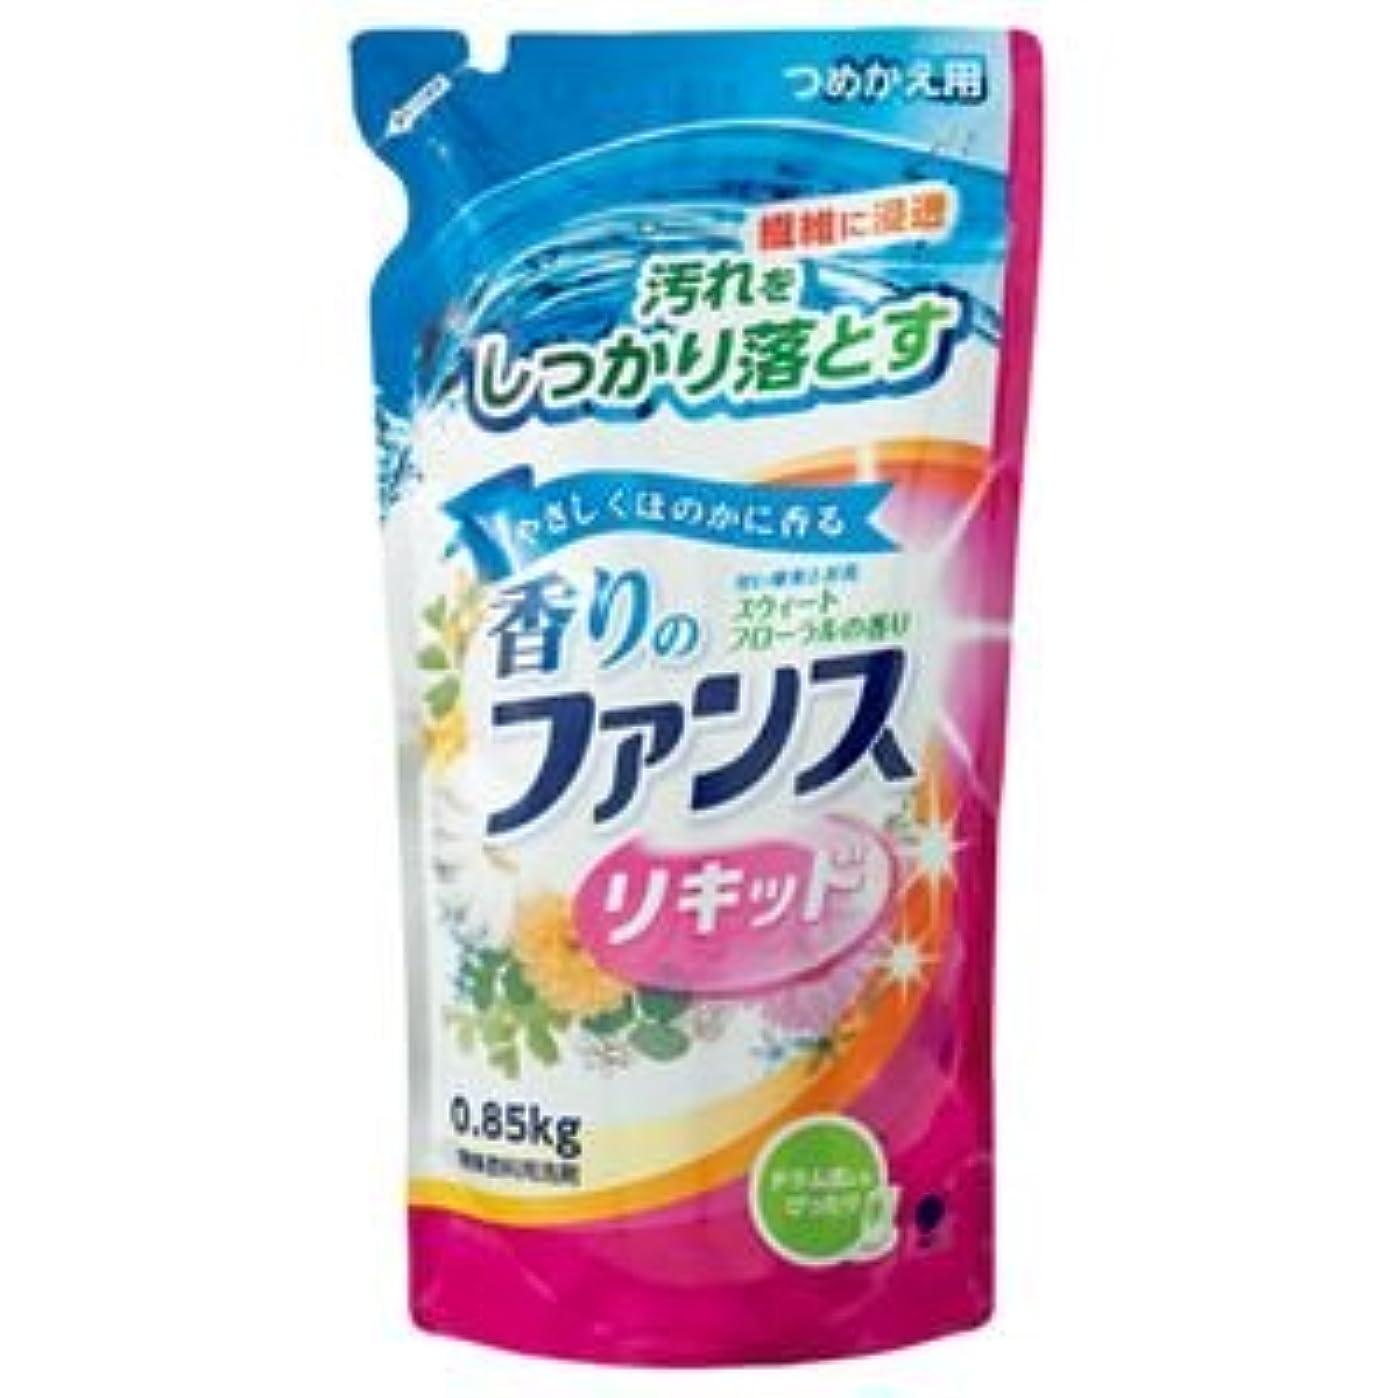 順応性のあるフローティング異議(まとめ) 第一石鹸 香りのファンス 液体衣料用洗剤リキッド 詰替用 0.85kg 1個 【×15セット】